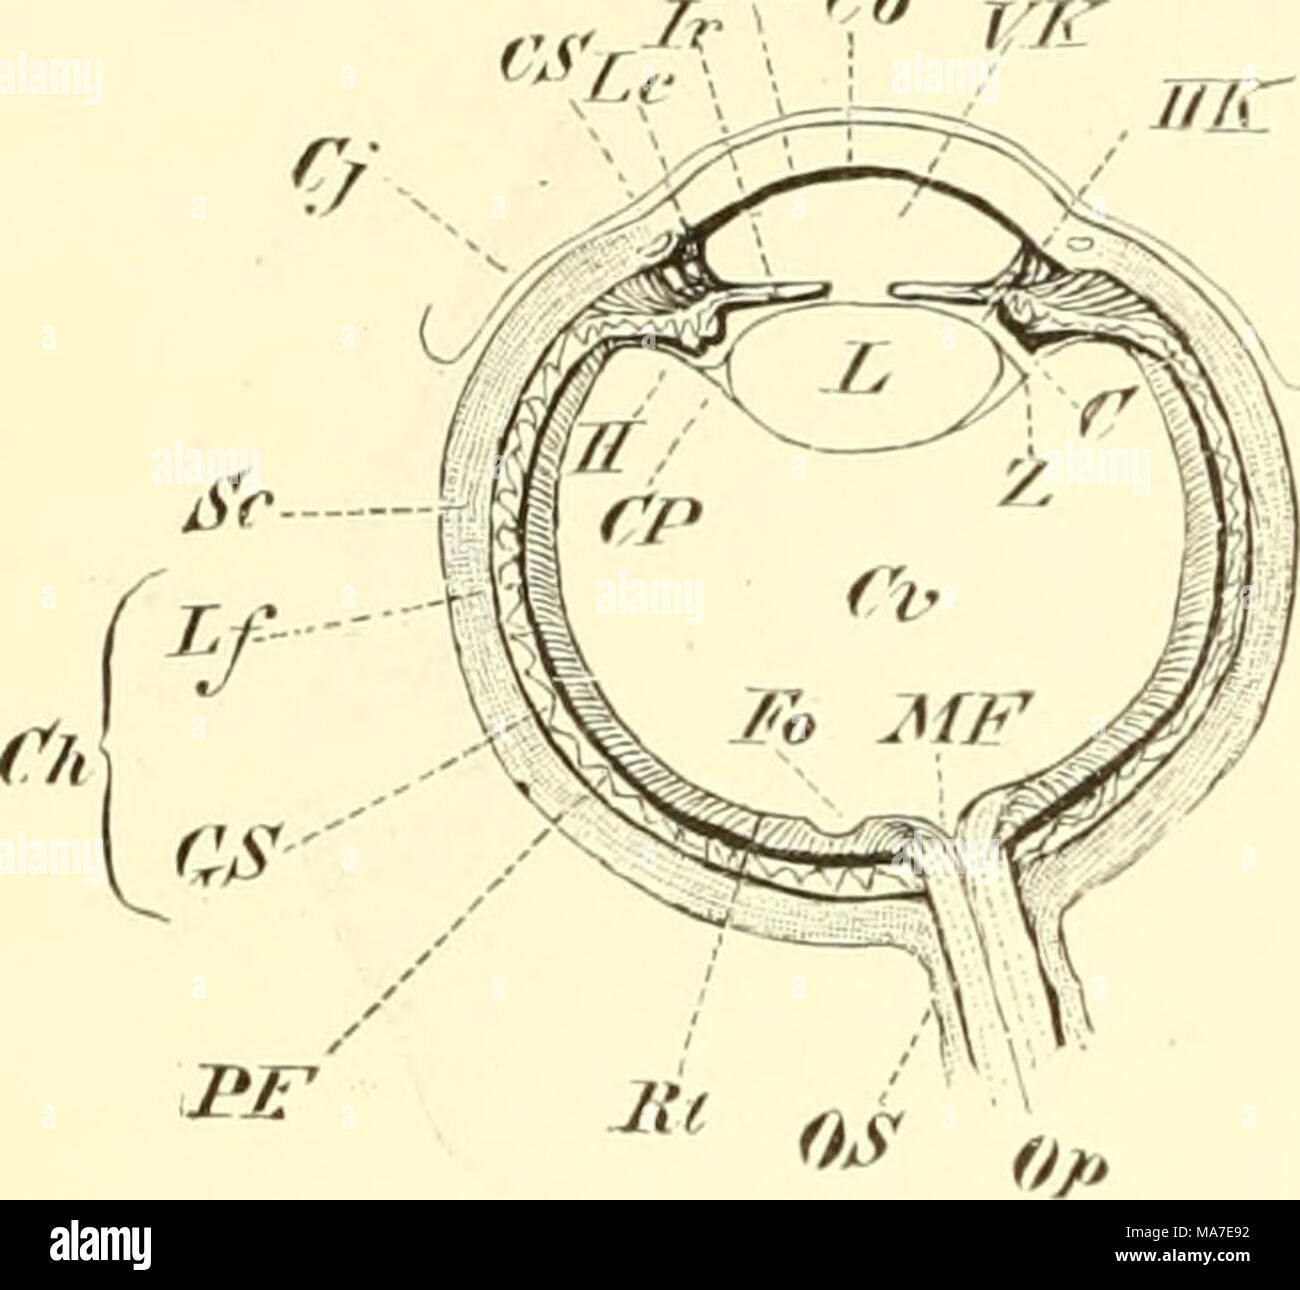 Schön Detailliertes Auge Anatomie Fotos - Anatomie Ideen - finotti.info